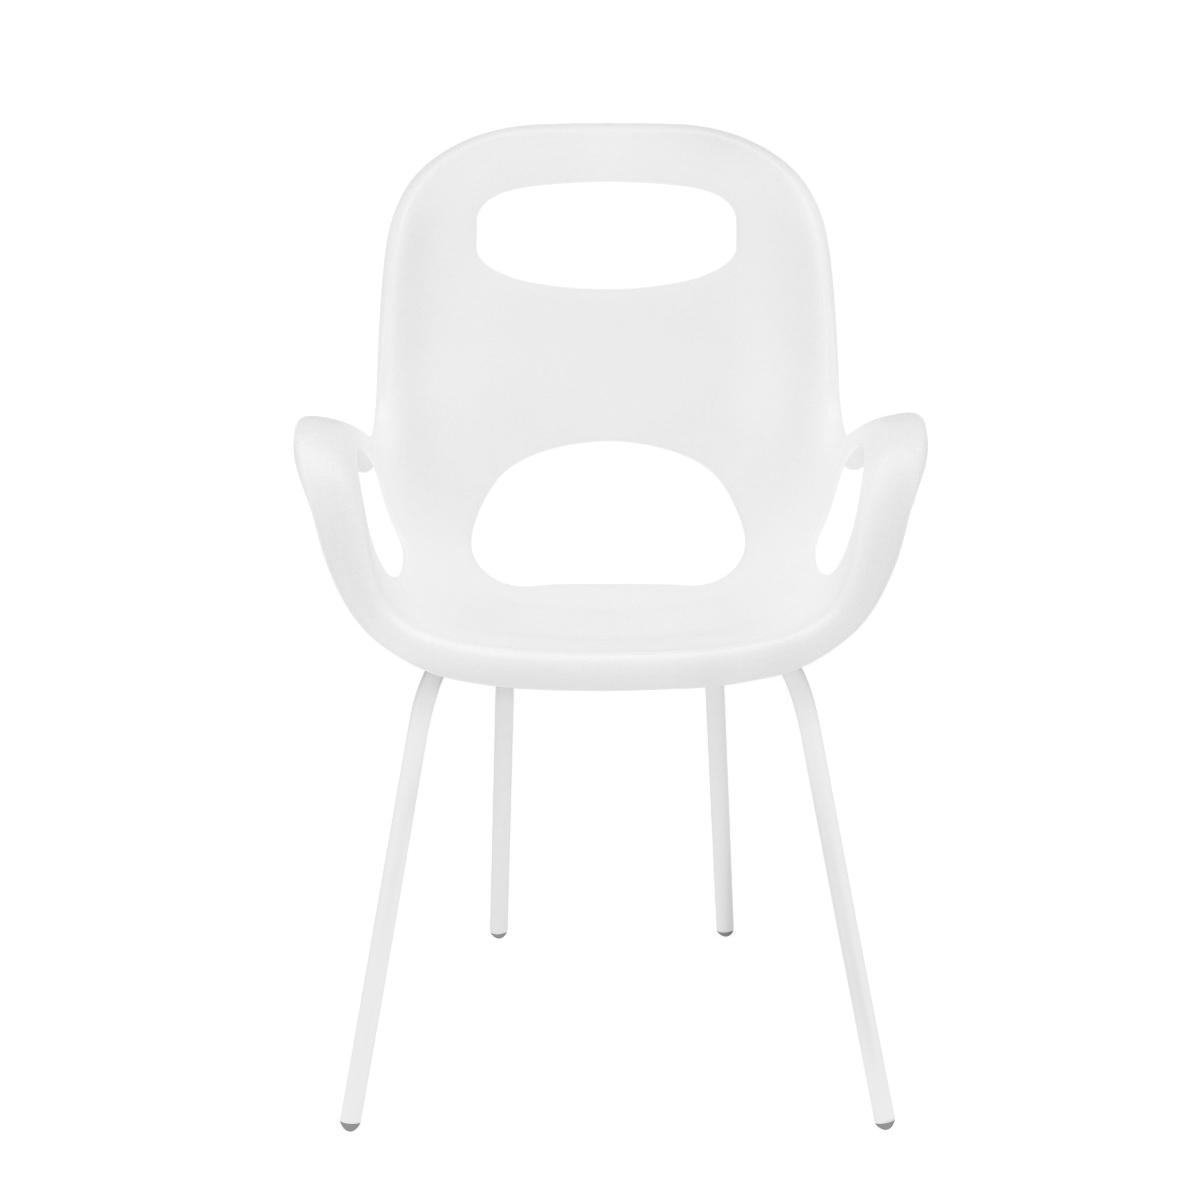 Chaise avec accoudoirs, coloris blanc